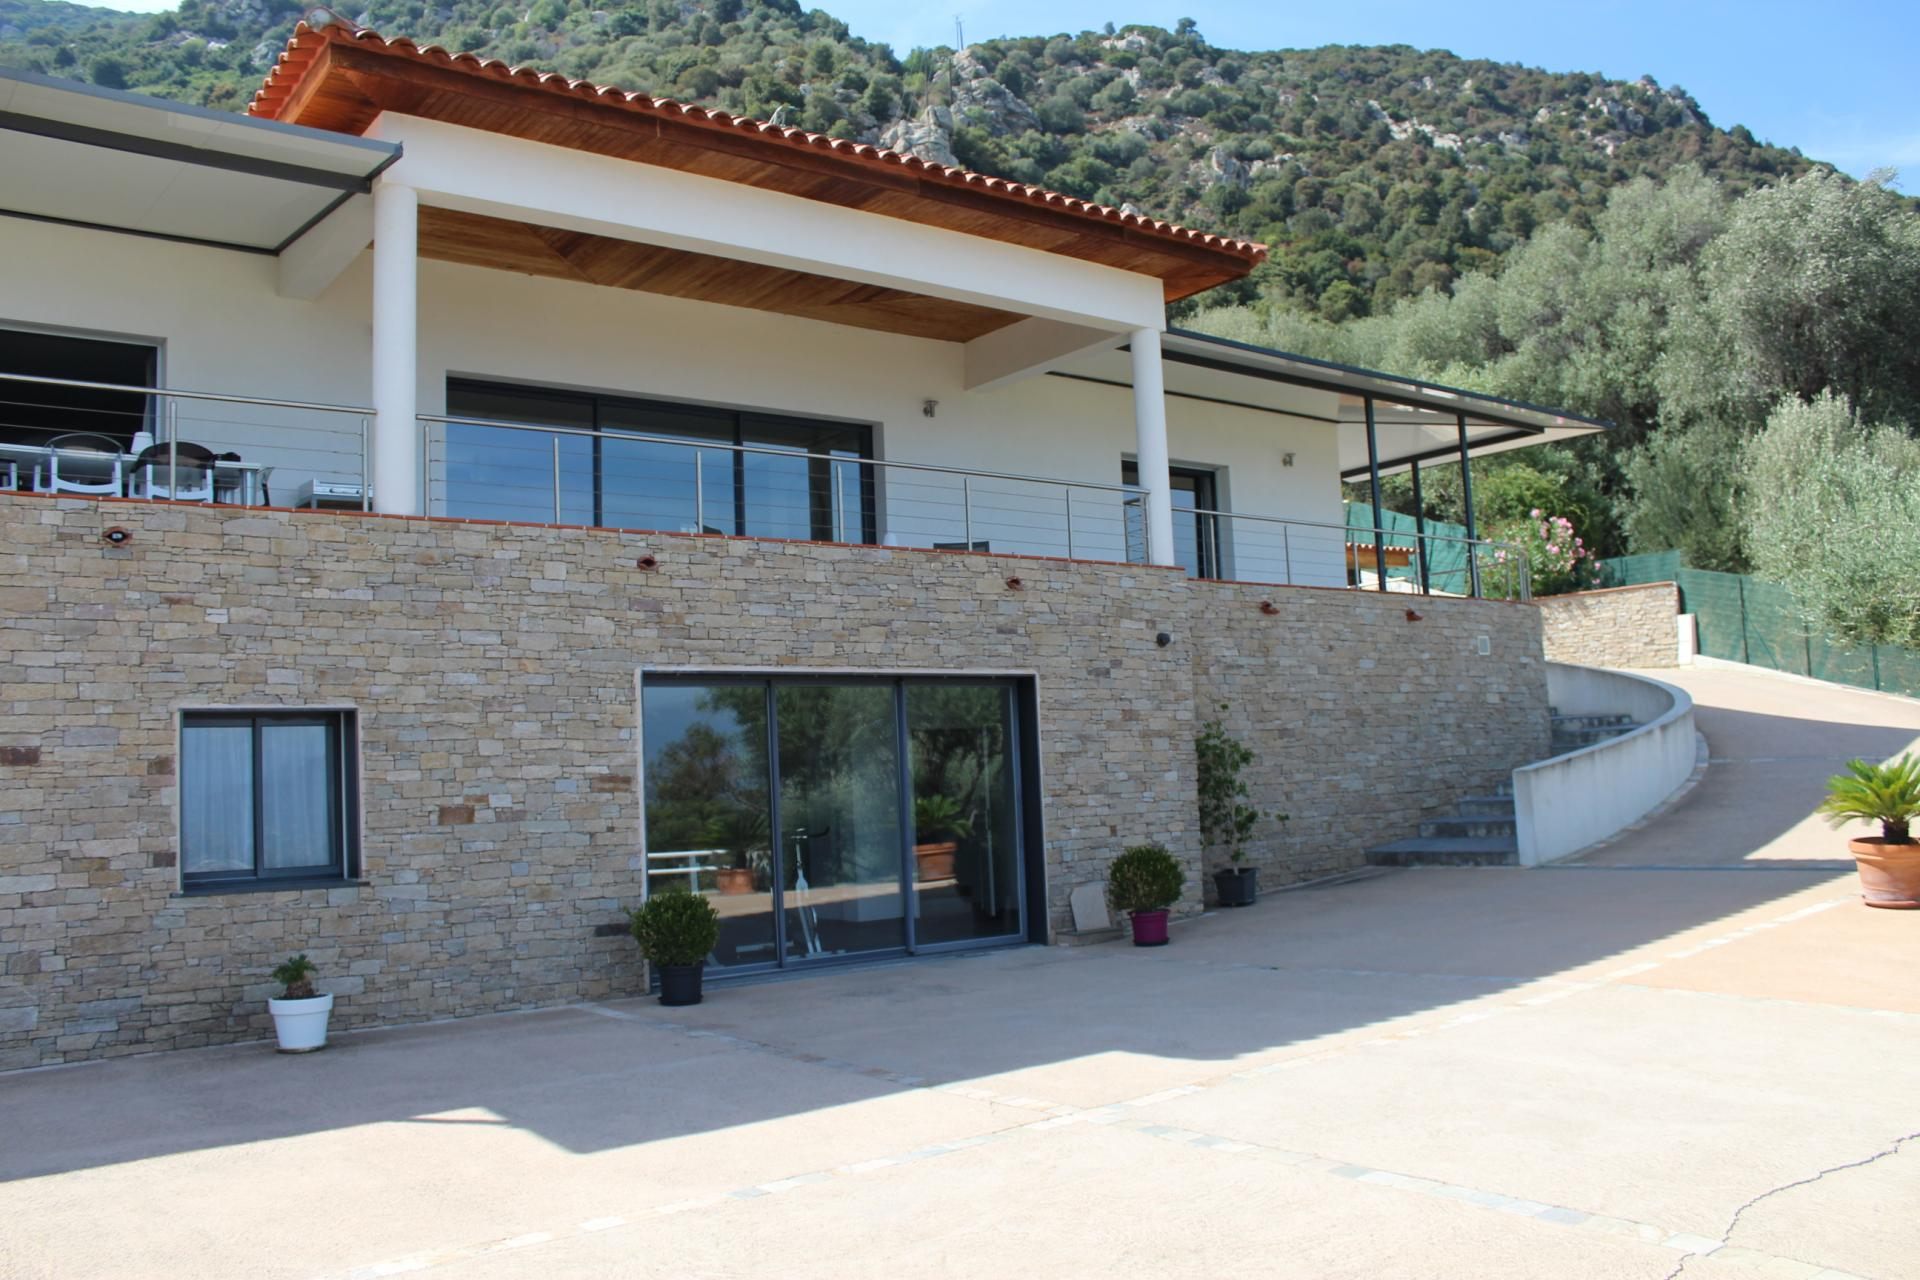 Vente et location de maison appartement terrain dans le for Location garage ajaccio